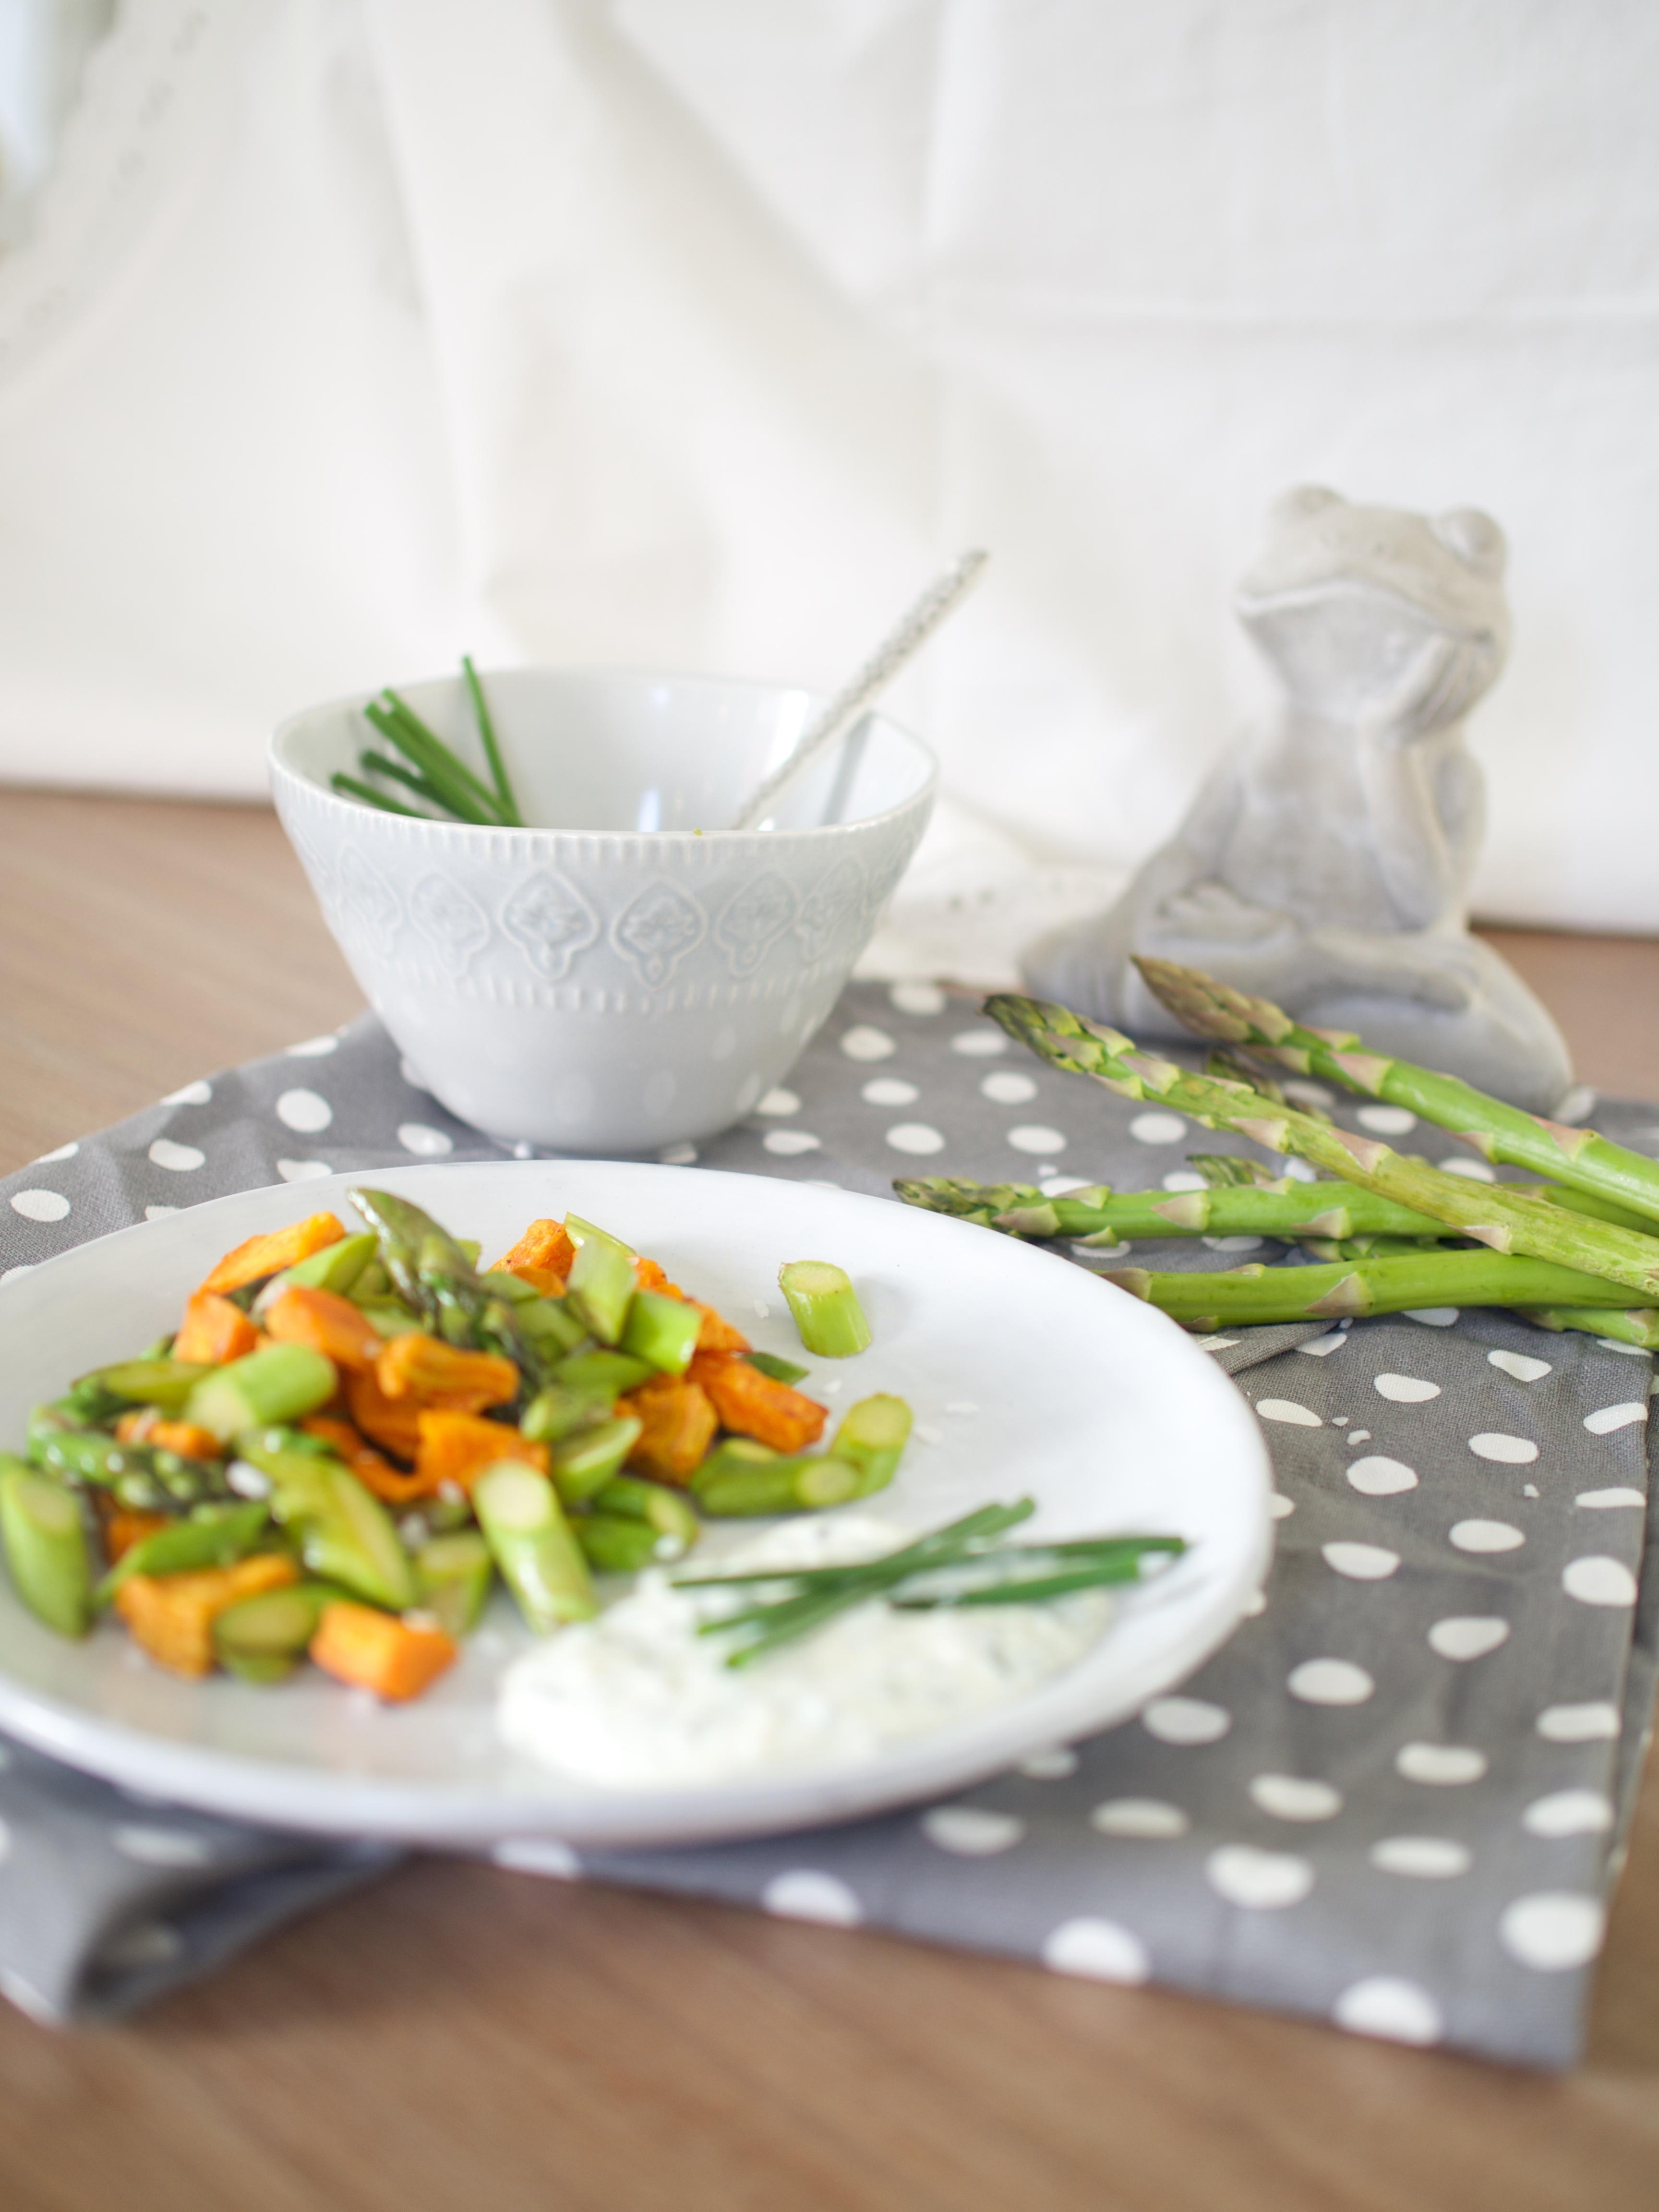 schnelle gesunde rezepte f r jeden tag gr ner spargel s sskartoffeln. Black Bedroom Furniture Sets. Home Design Ideas